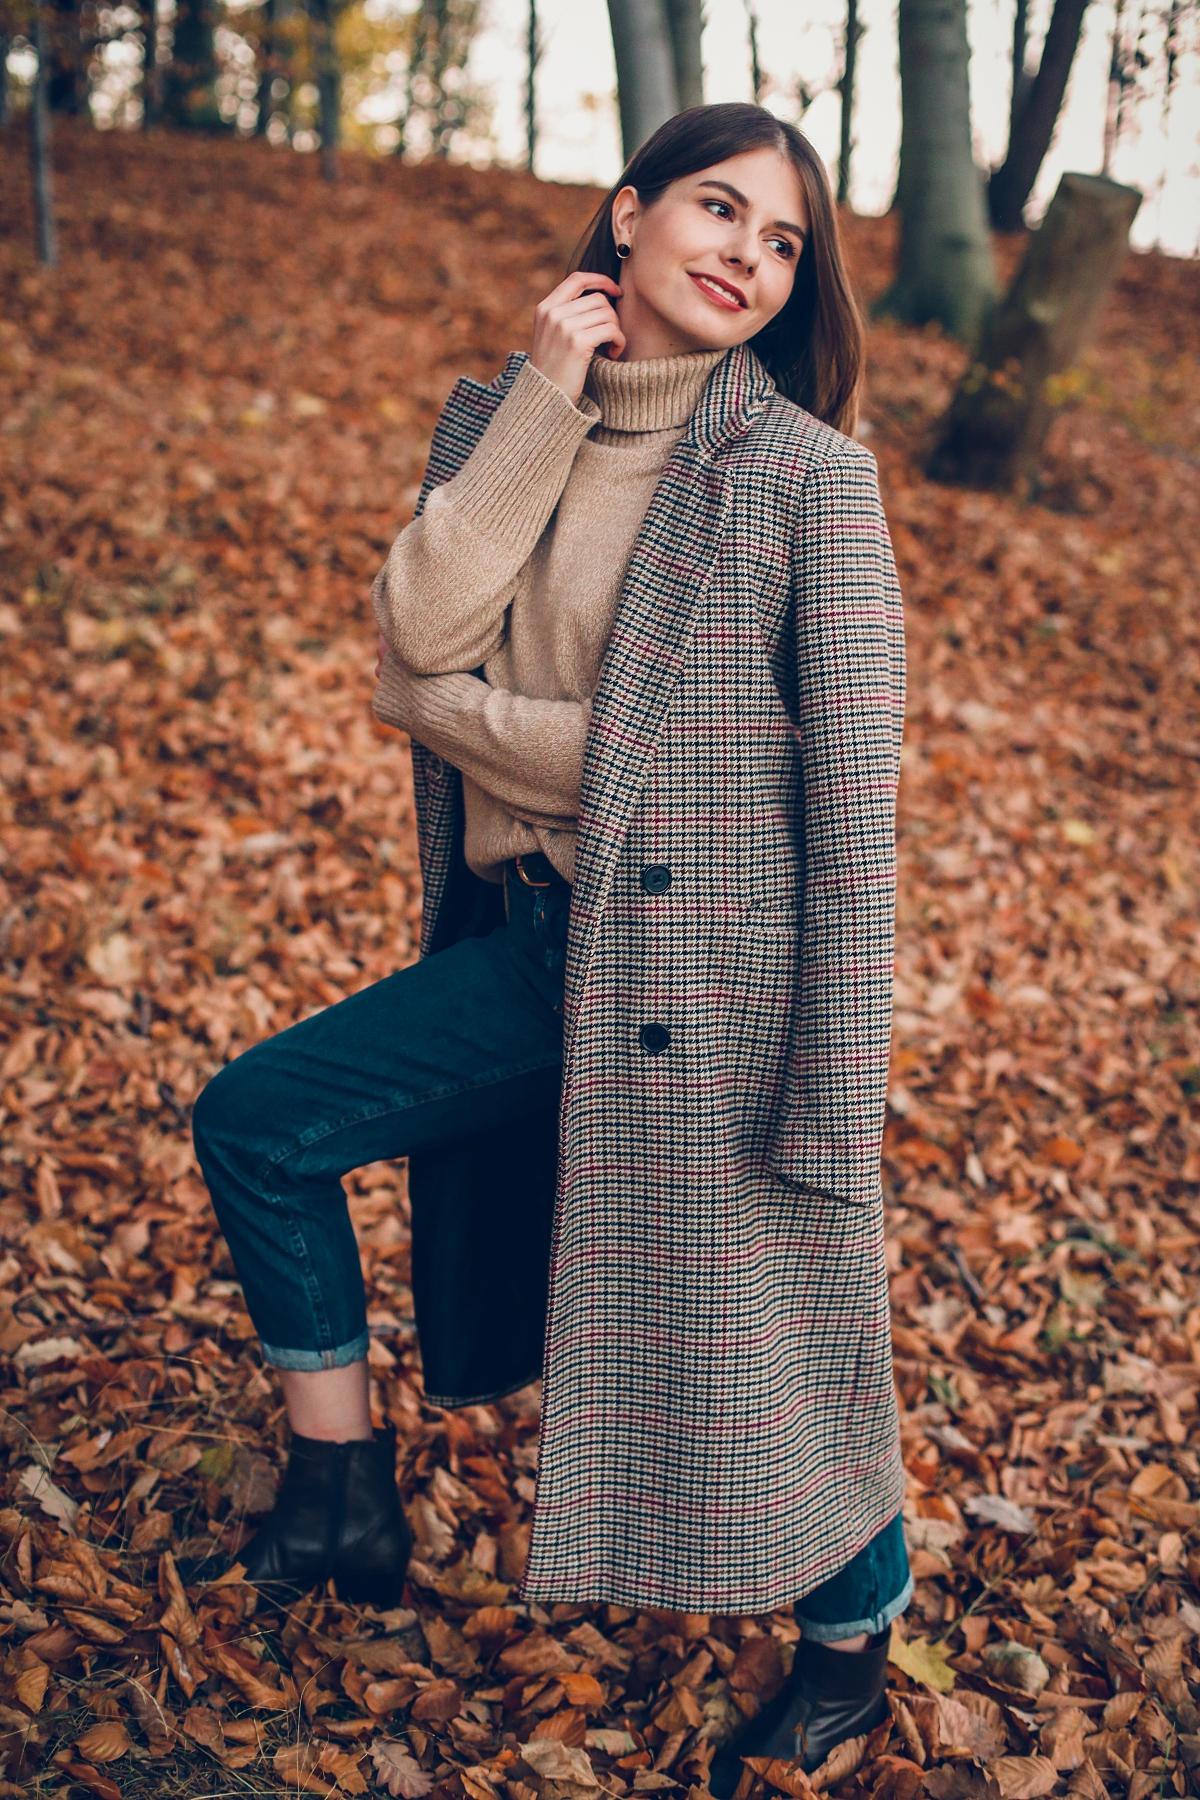 klif orłowski jesienny look ootd płaszcz z domieszką wełny